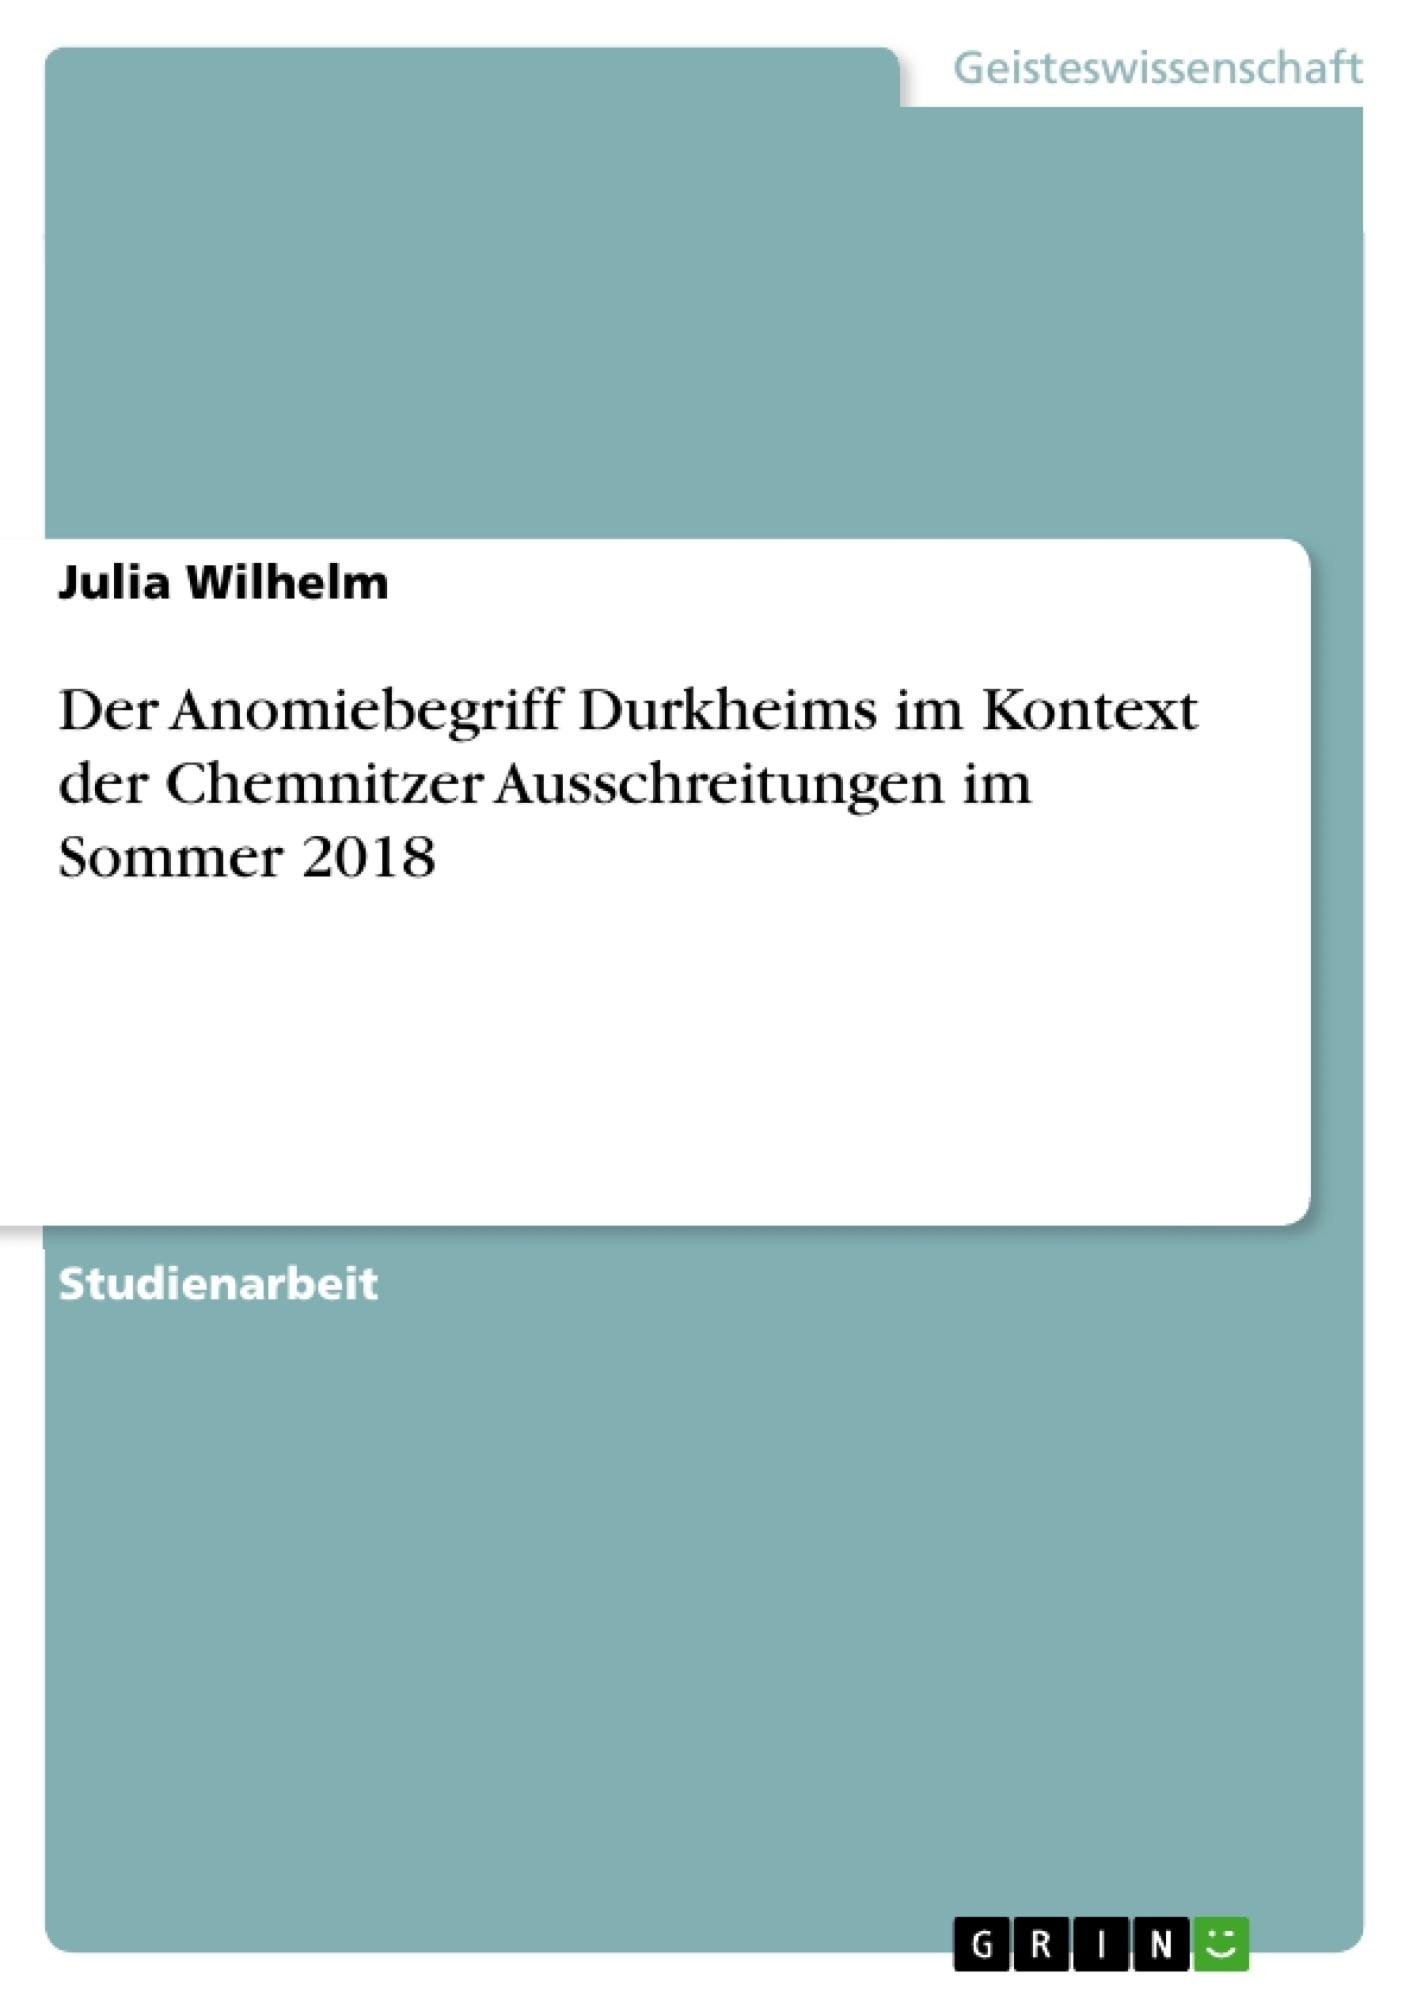 Titel: Der Anomiebegriff Durkheims im Kontext der Chemnitzer Ausschreitungen im Sommer 2018